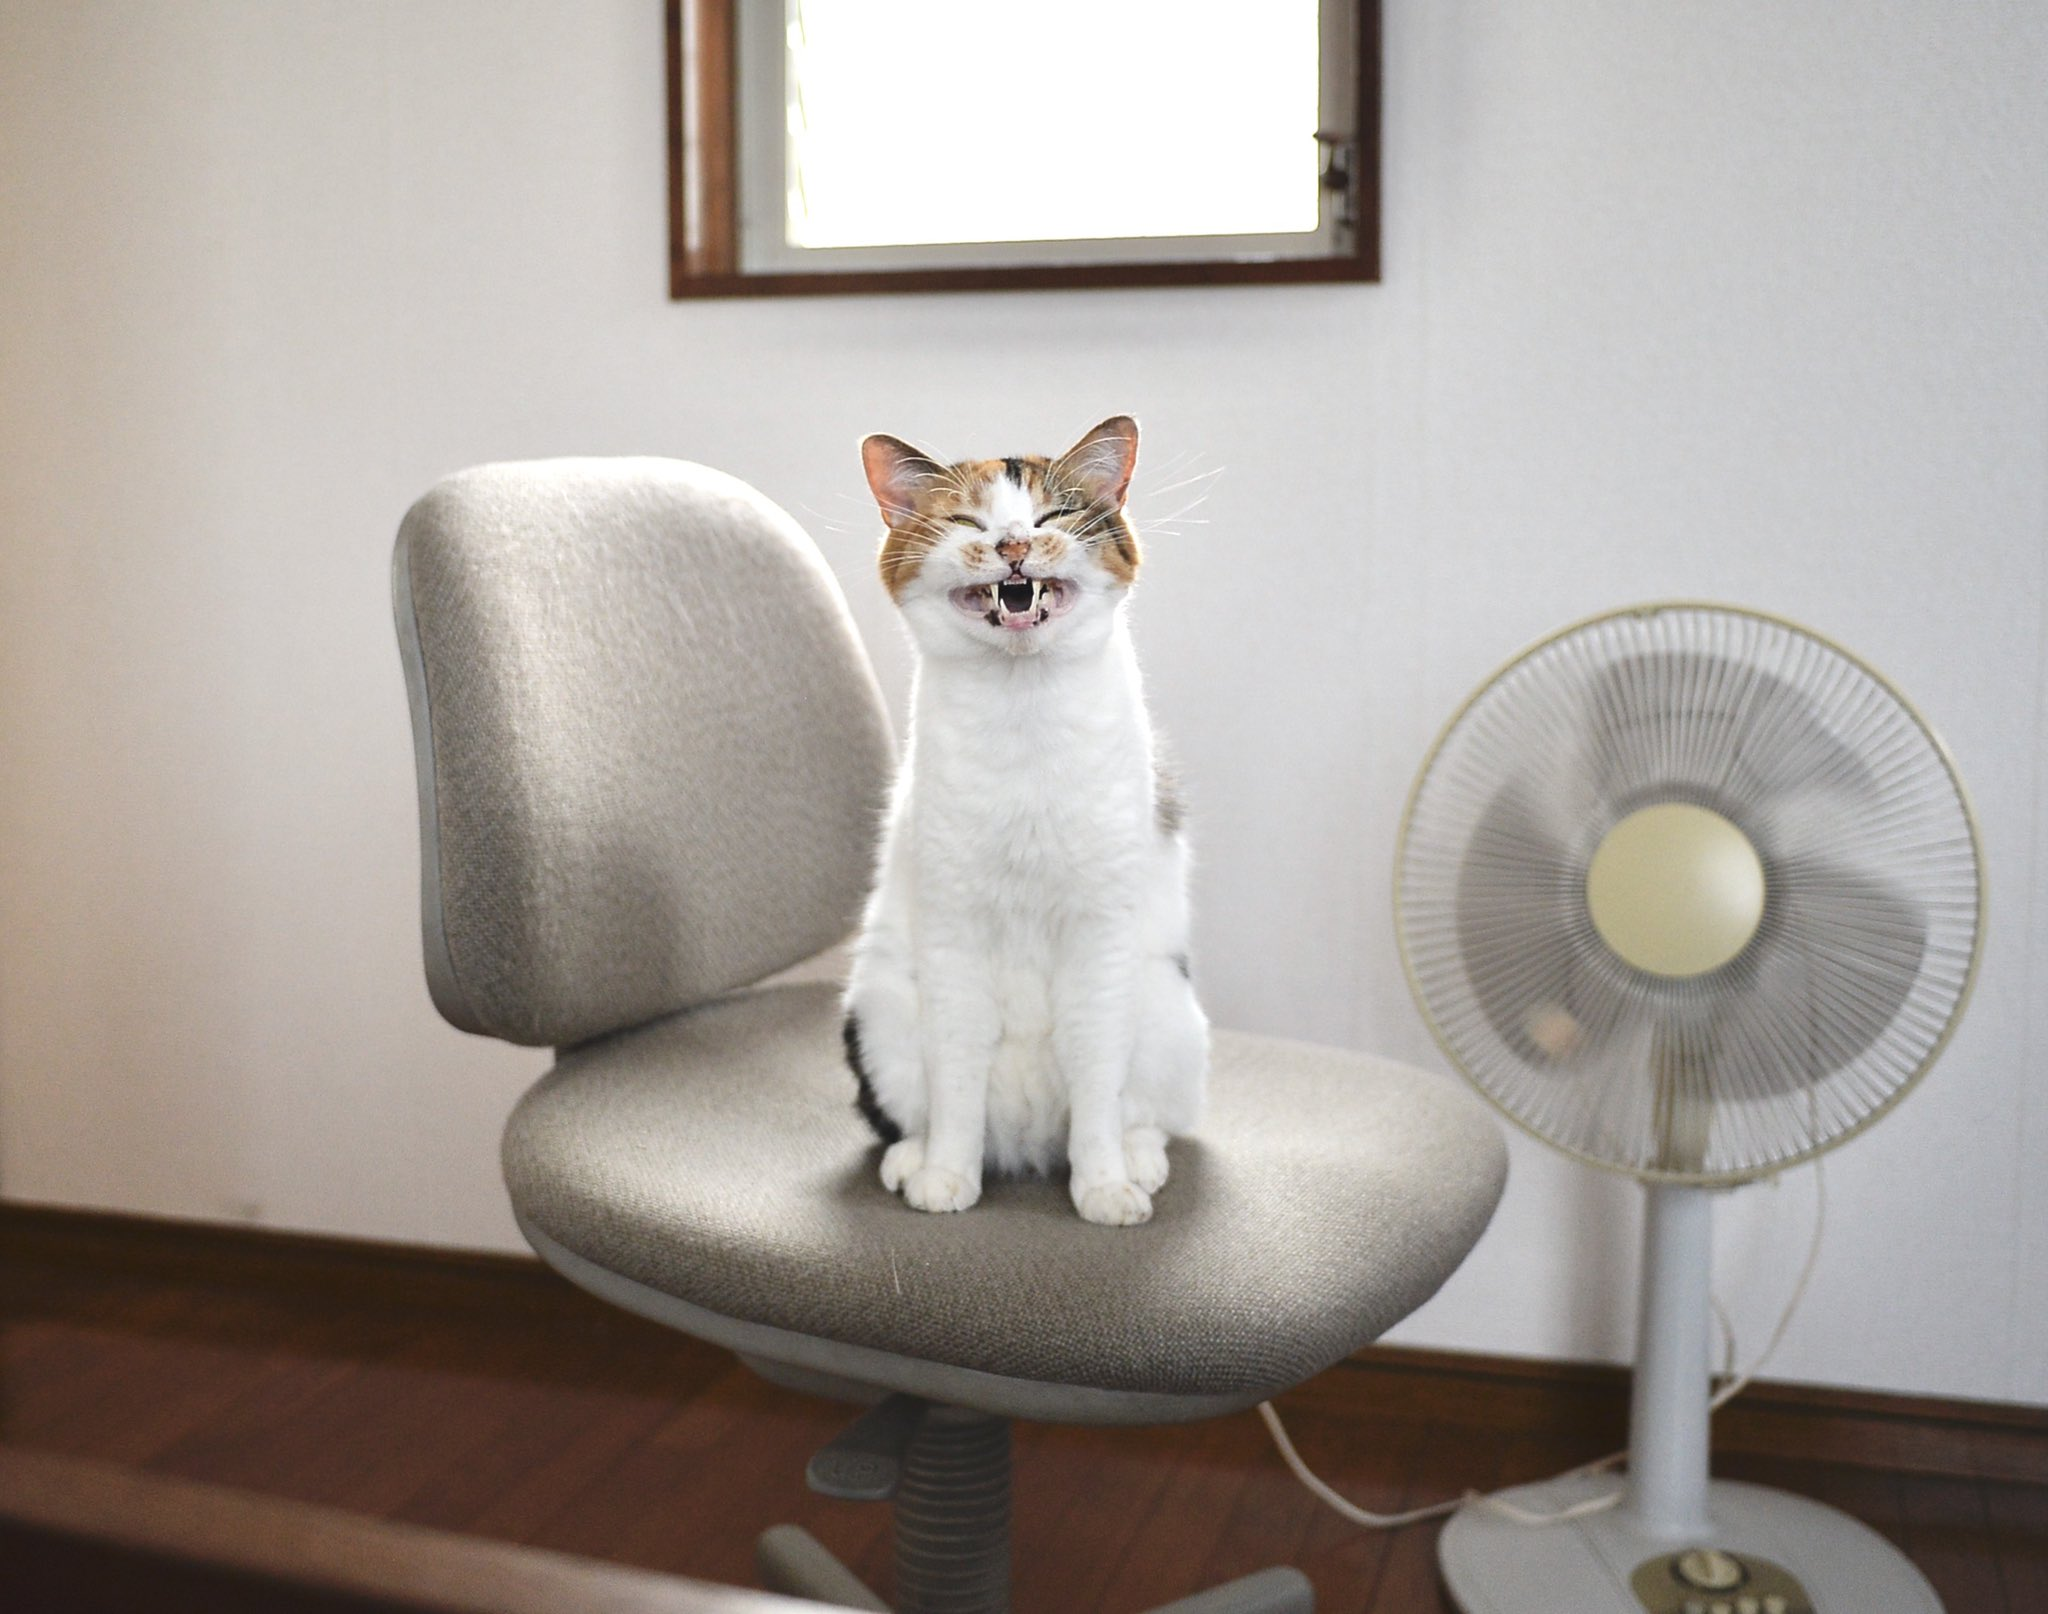 猫飼いあるある!?先に椅子取られがちwwいい顔してますww